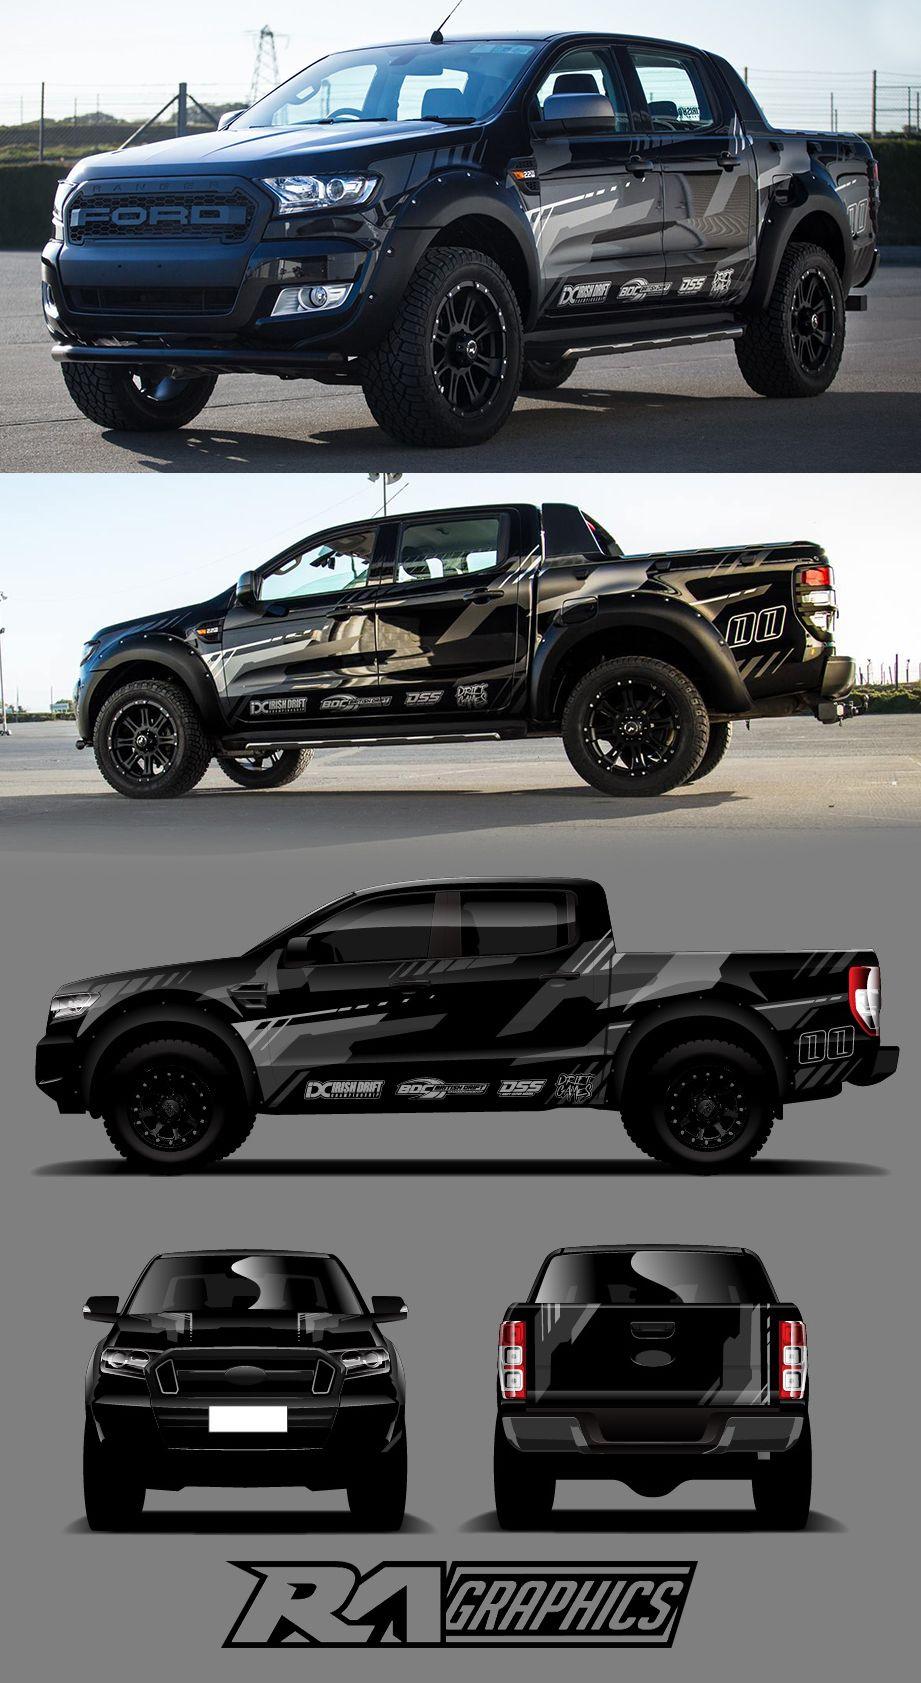 Ra graphics ford ranger 2016 toyota trucks ford pickup trucks ford raptor